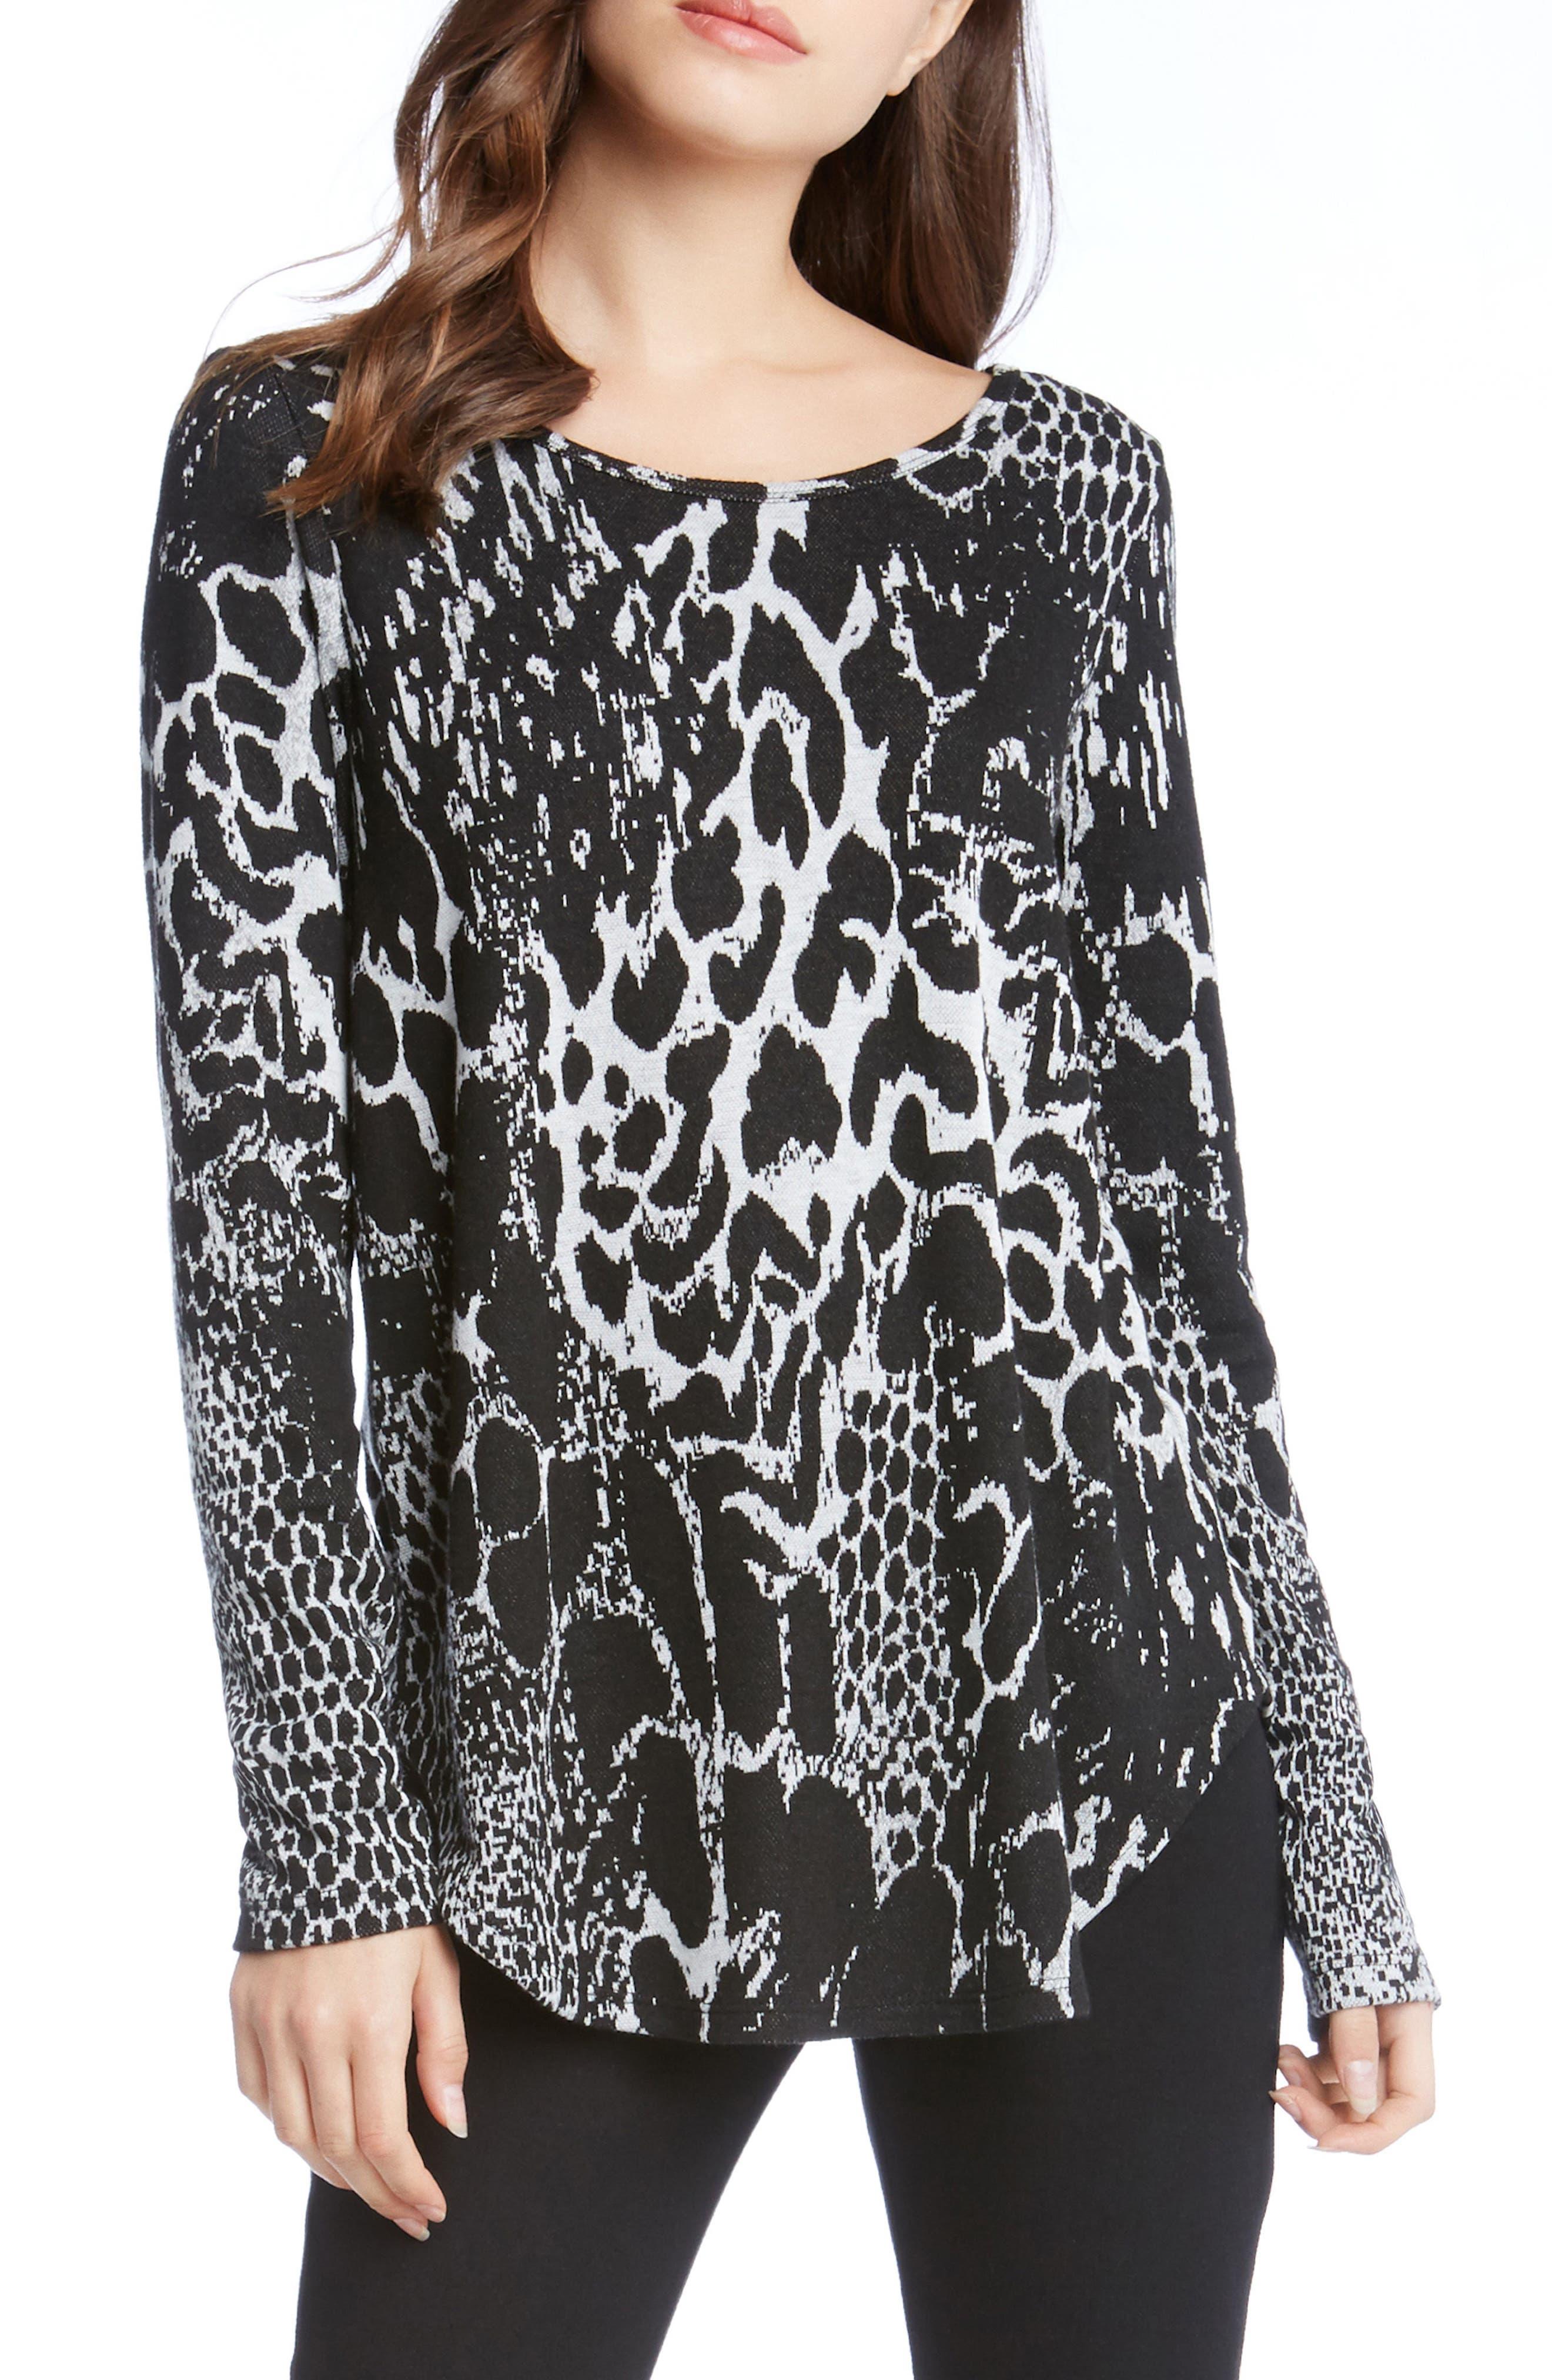 Alternate Image 1 Selected - Karen Kane Animal Print Shirttail Top